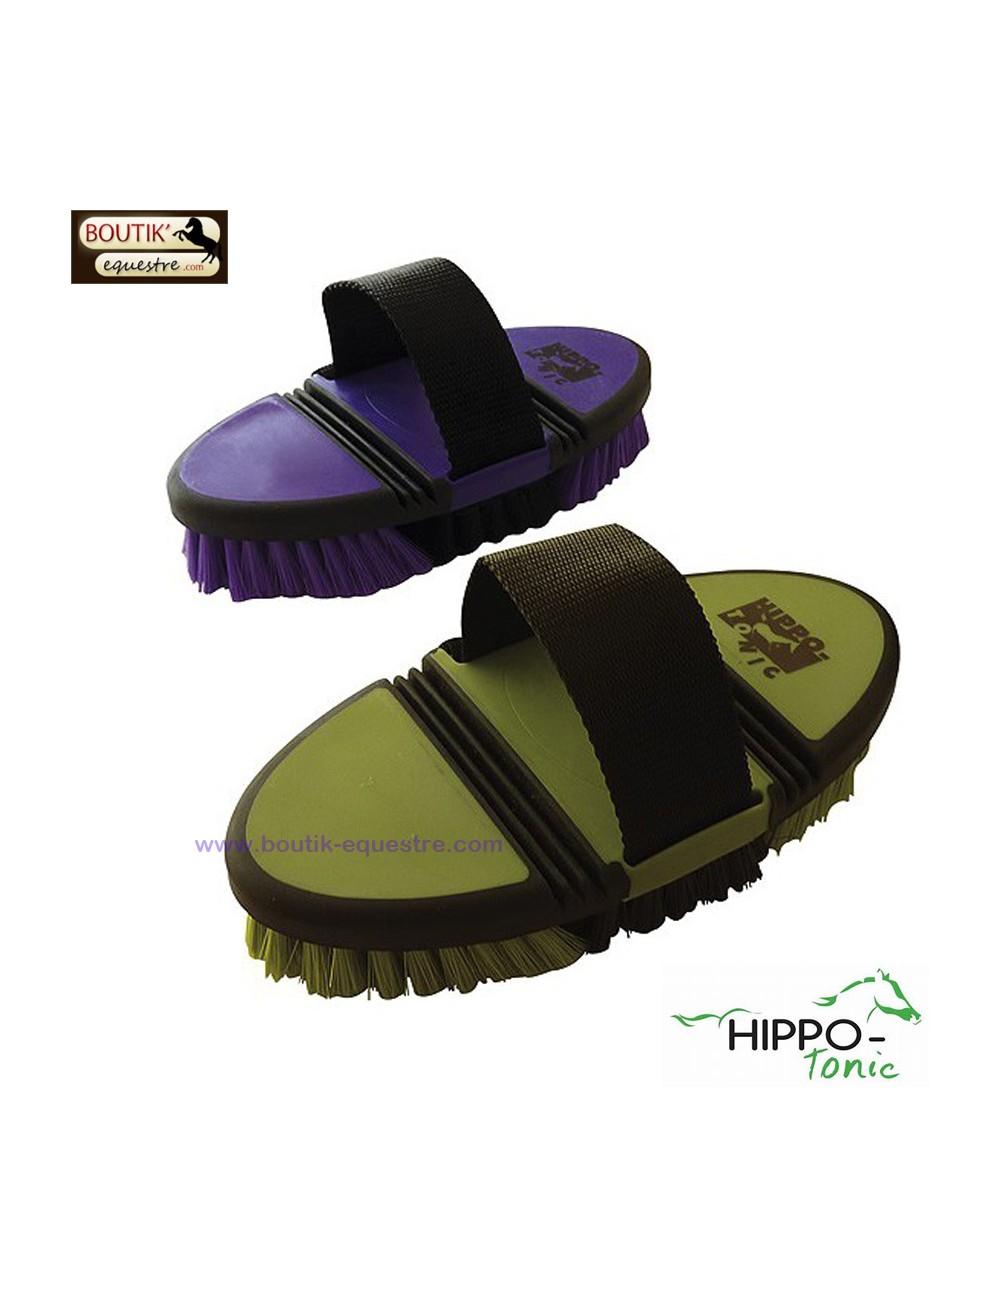 Brosse nylon flexible Hippotonic